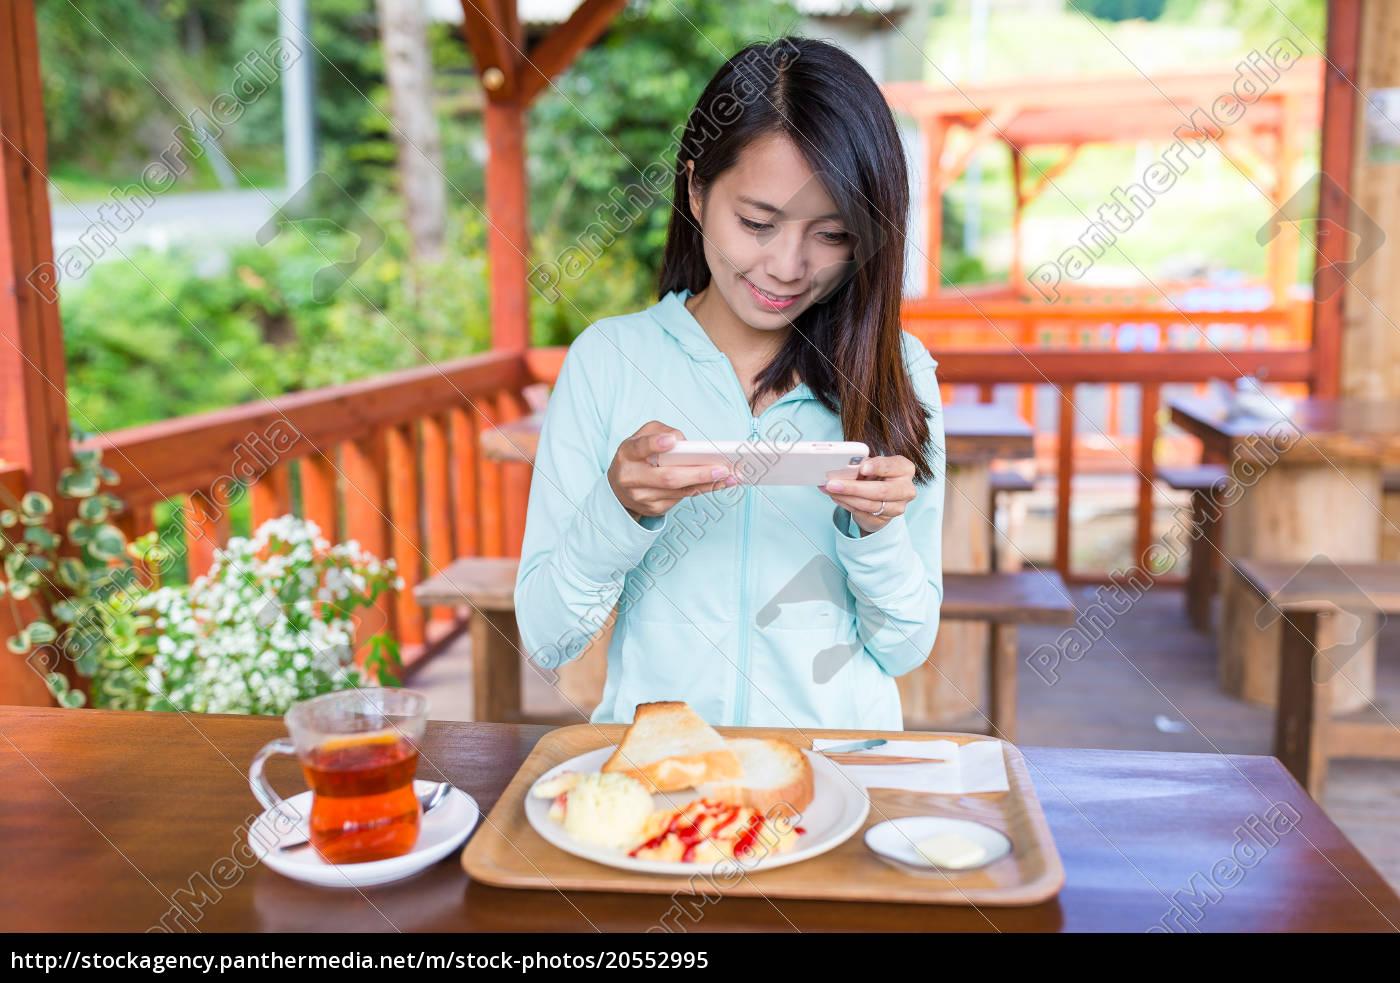 woman, taking, photo, on, her, breakfast - 20552995